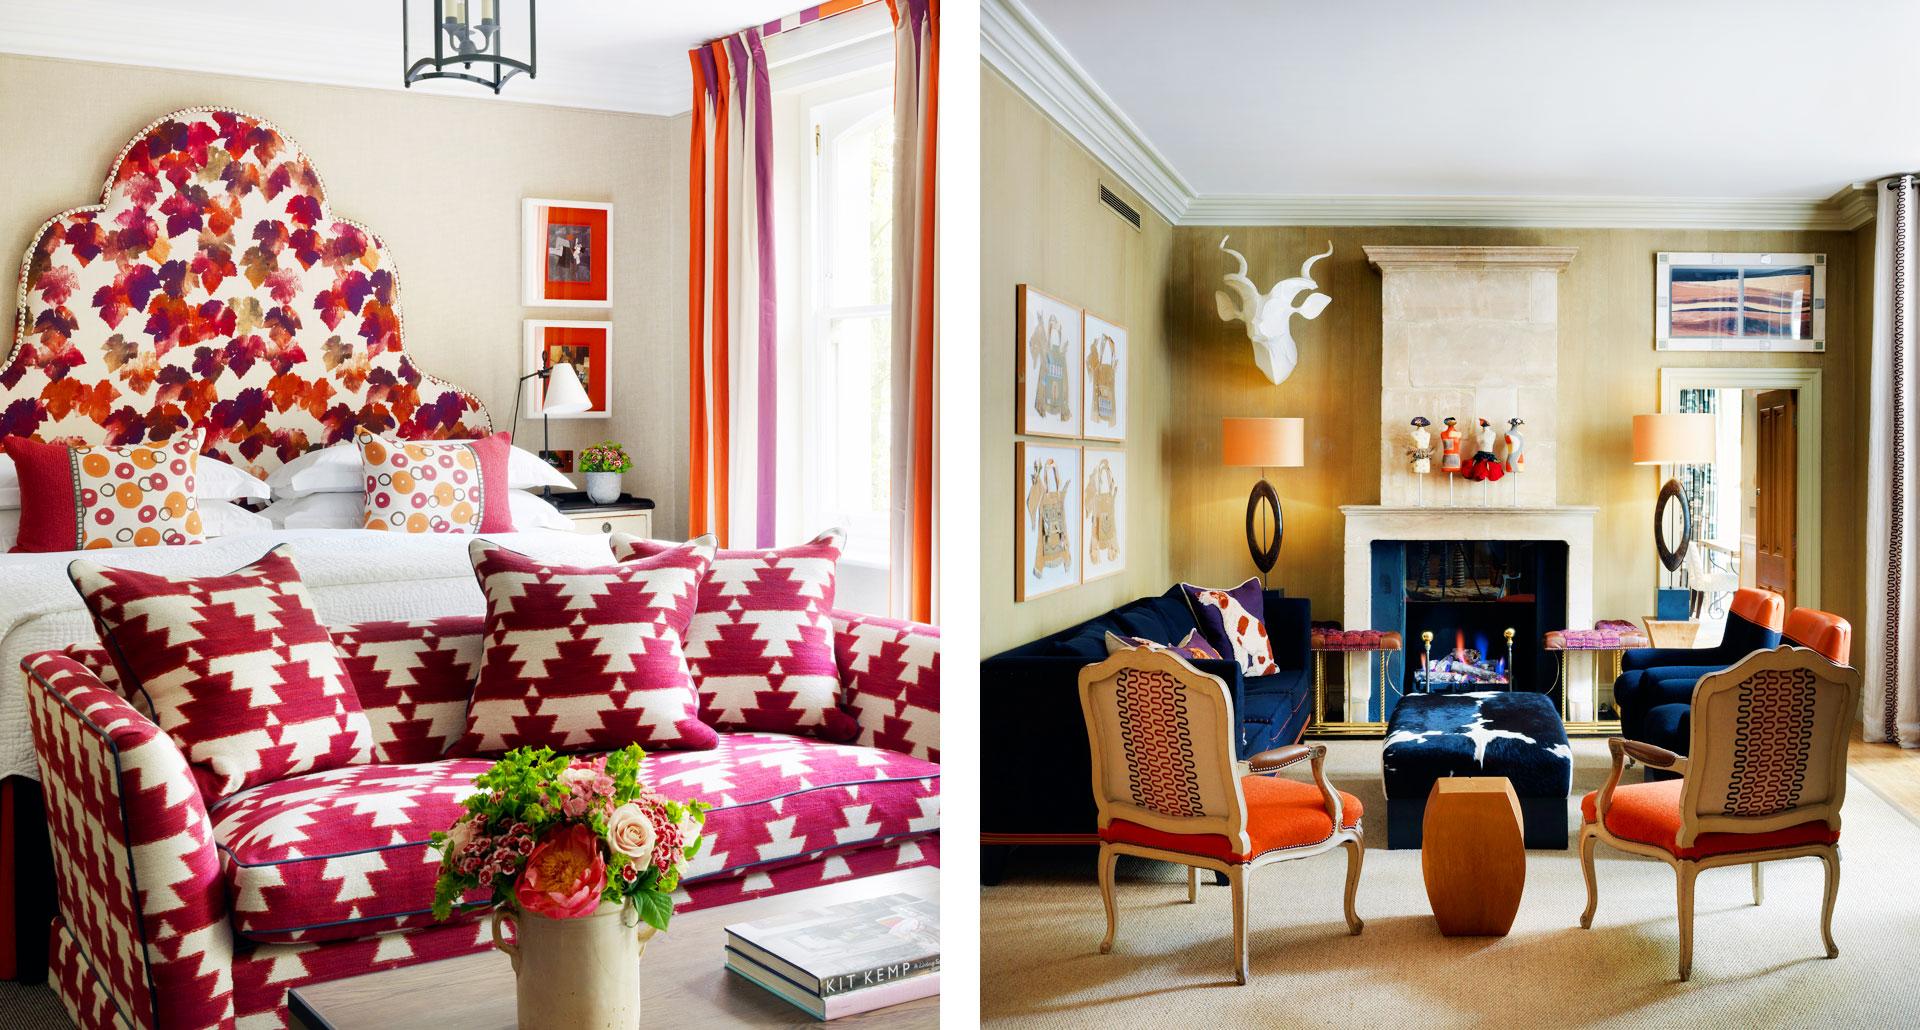 Knightsbridge Hotel - boutique hotel in London